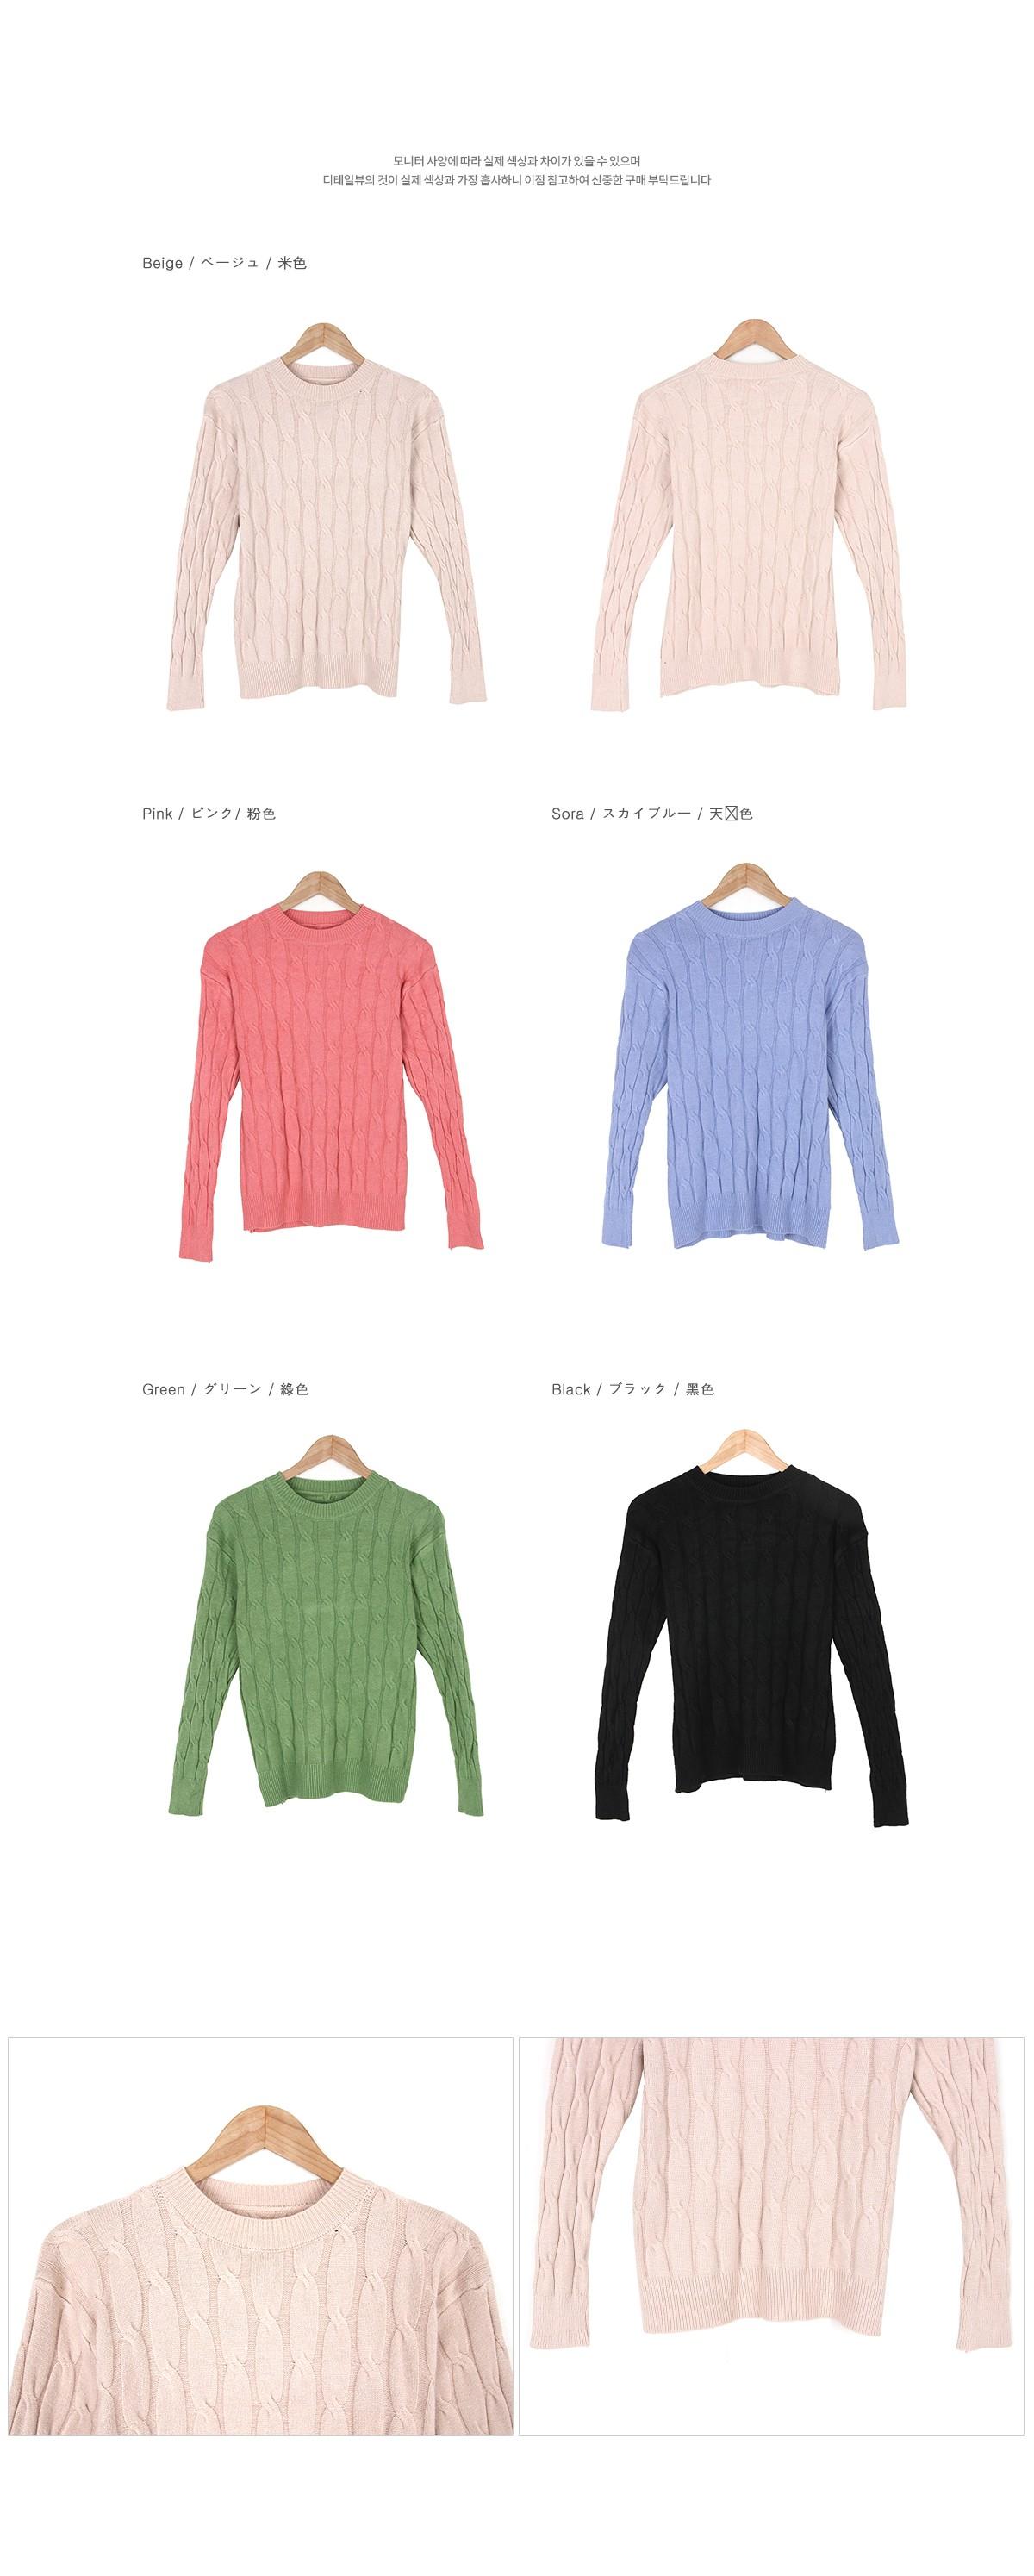 Print twist knit